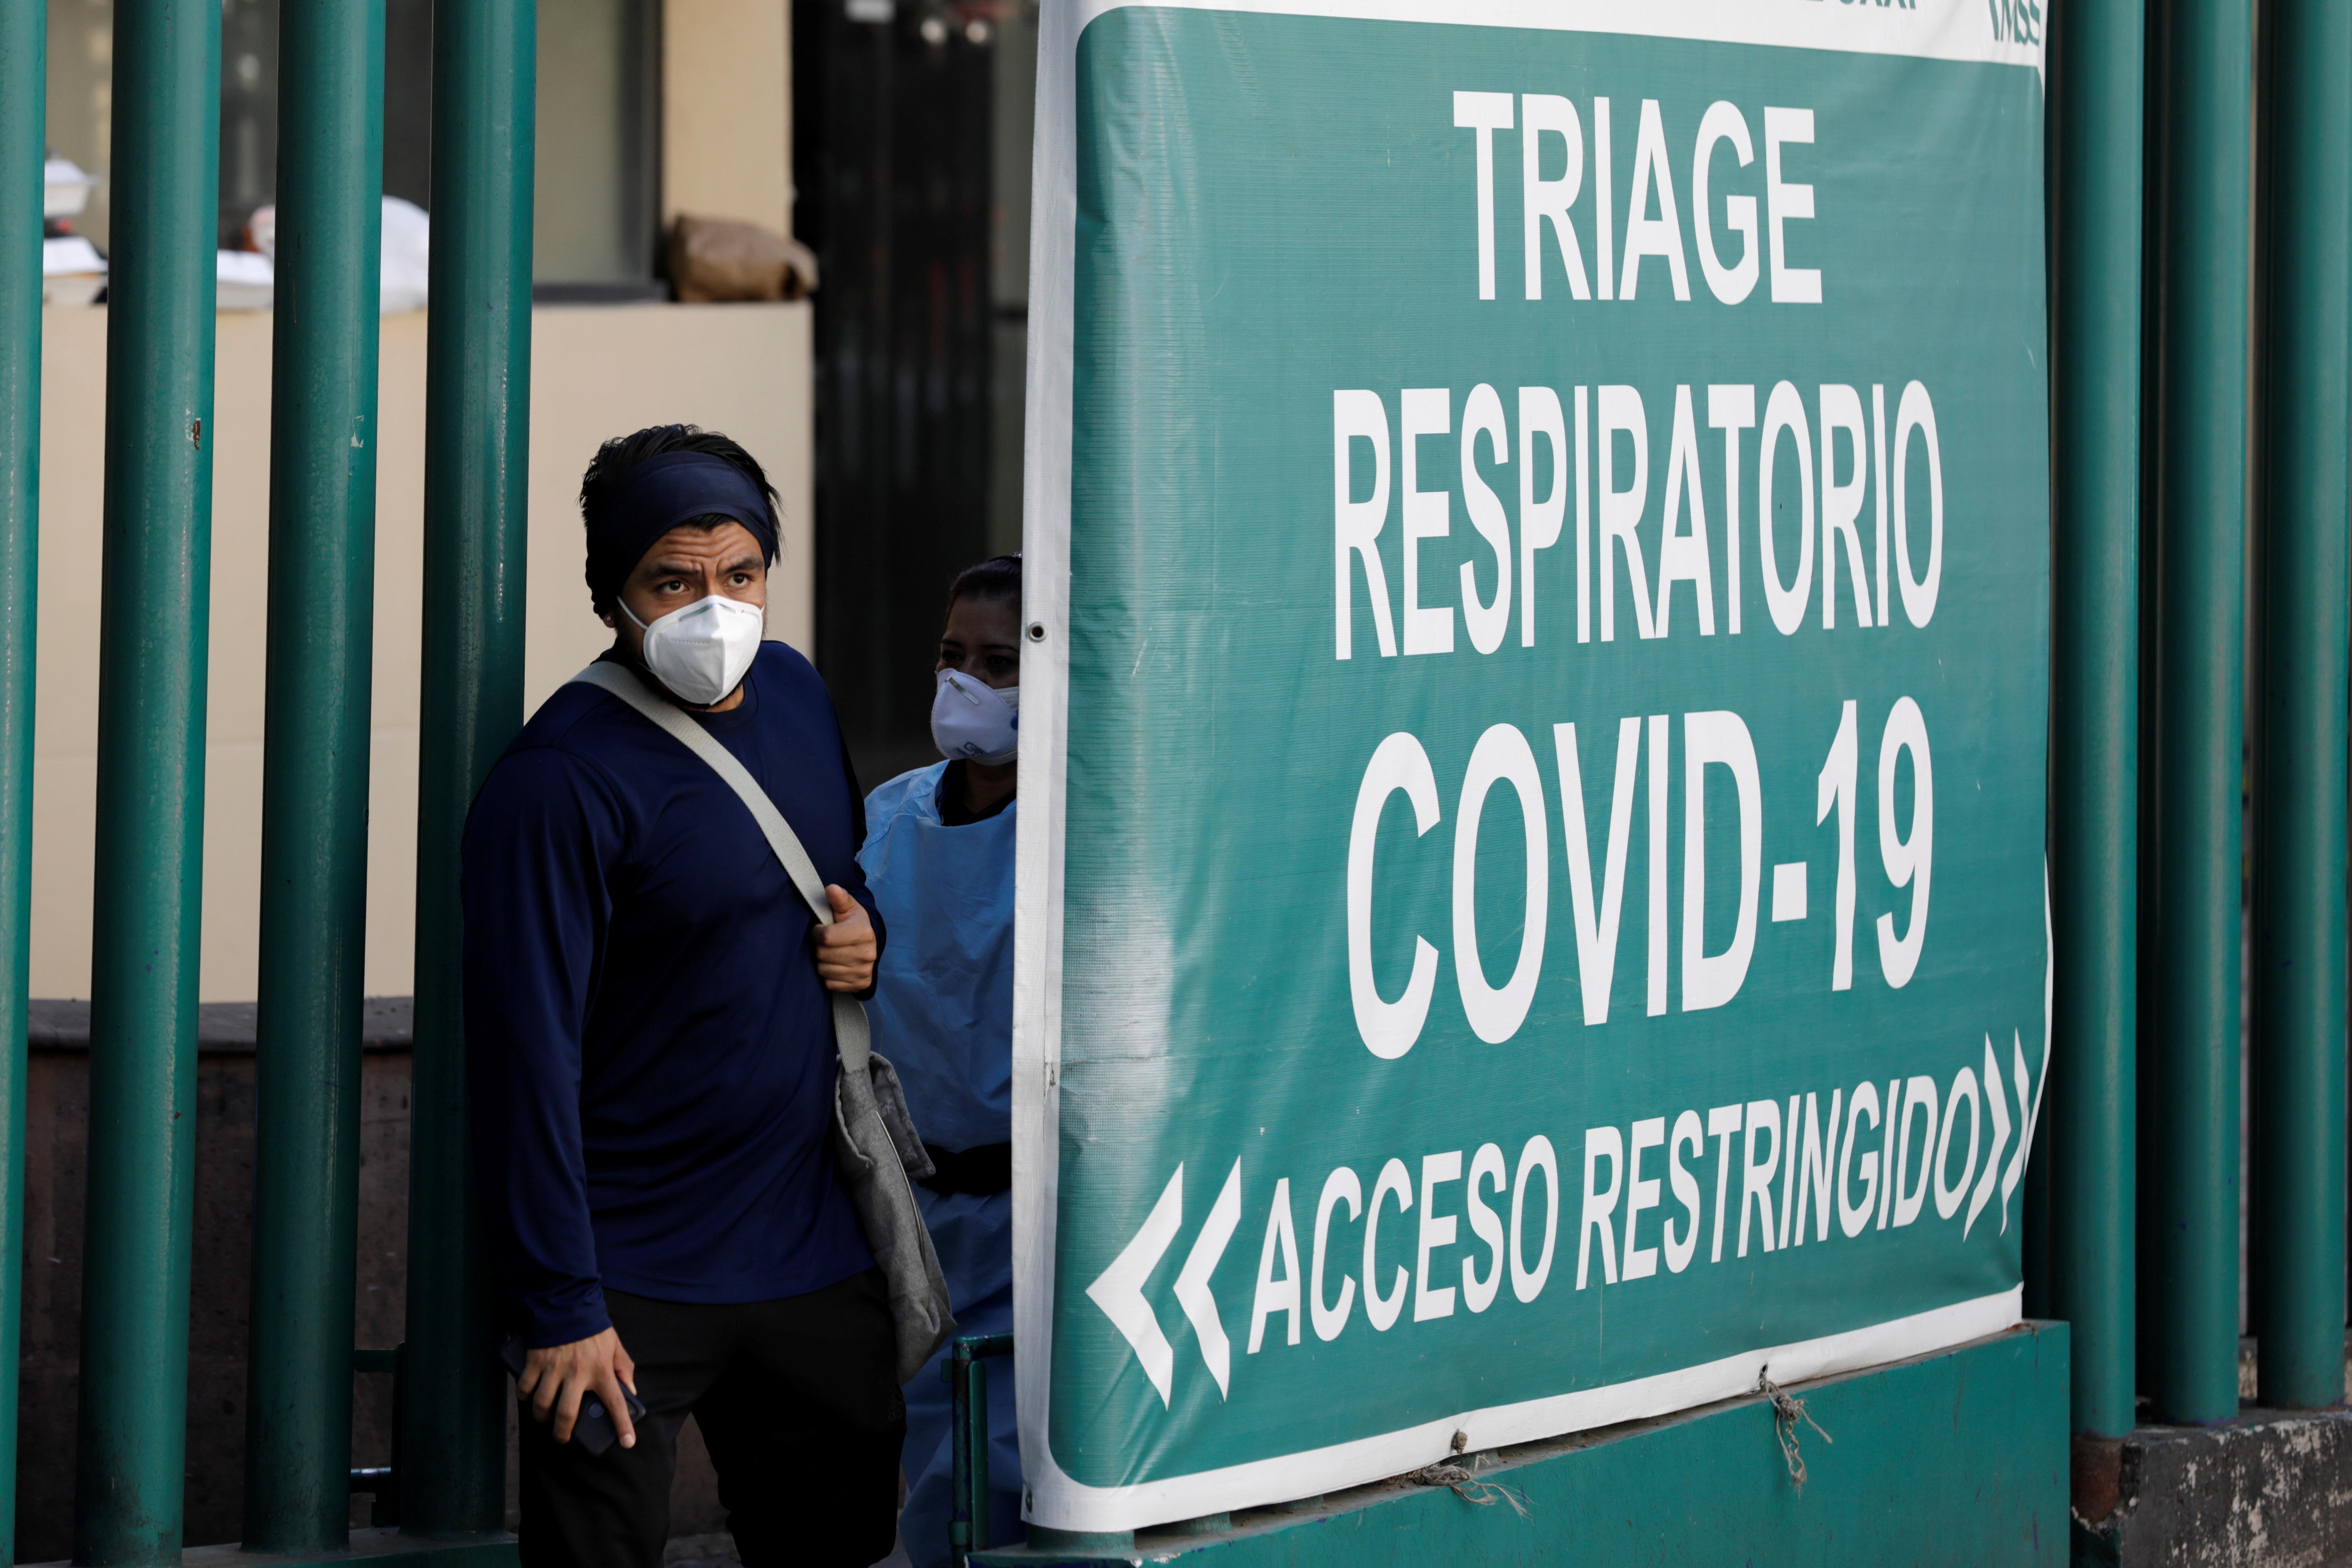 Un hombre abandona el área de triaje del Centro Médico mientras continúa el brote de COVID-19, en la Ciudad de México, México el 15 de diciembre de 2020. Fotografía tomada el 15 de diciembre de 2020.